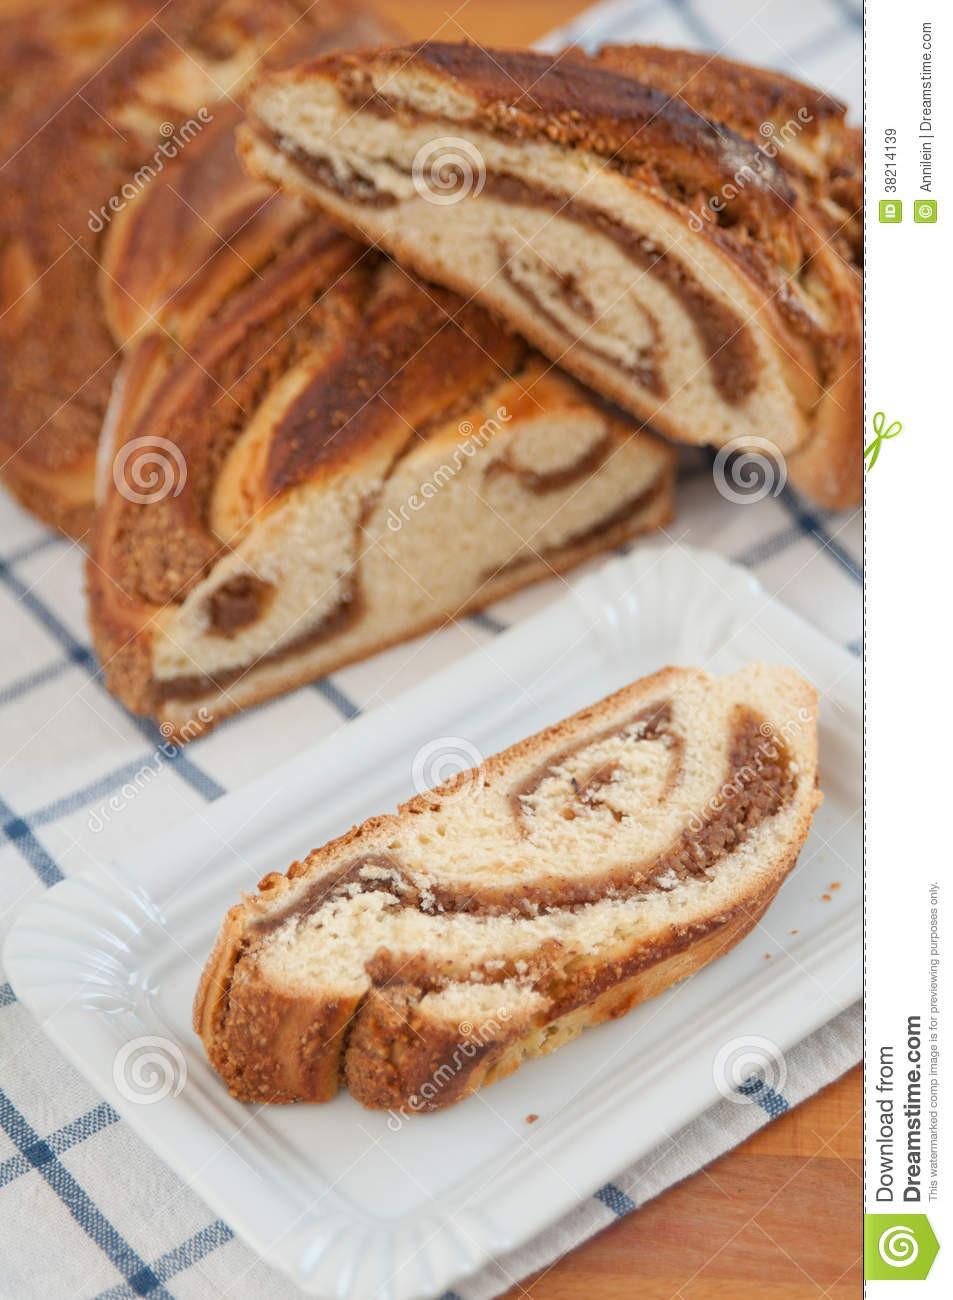 Easter Bread German  Sweet Braided German Easter Bread Stock Image Image